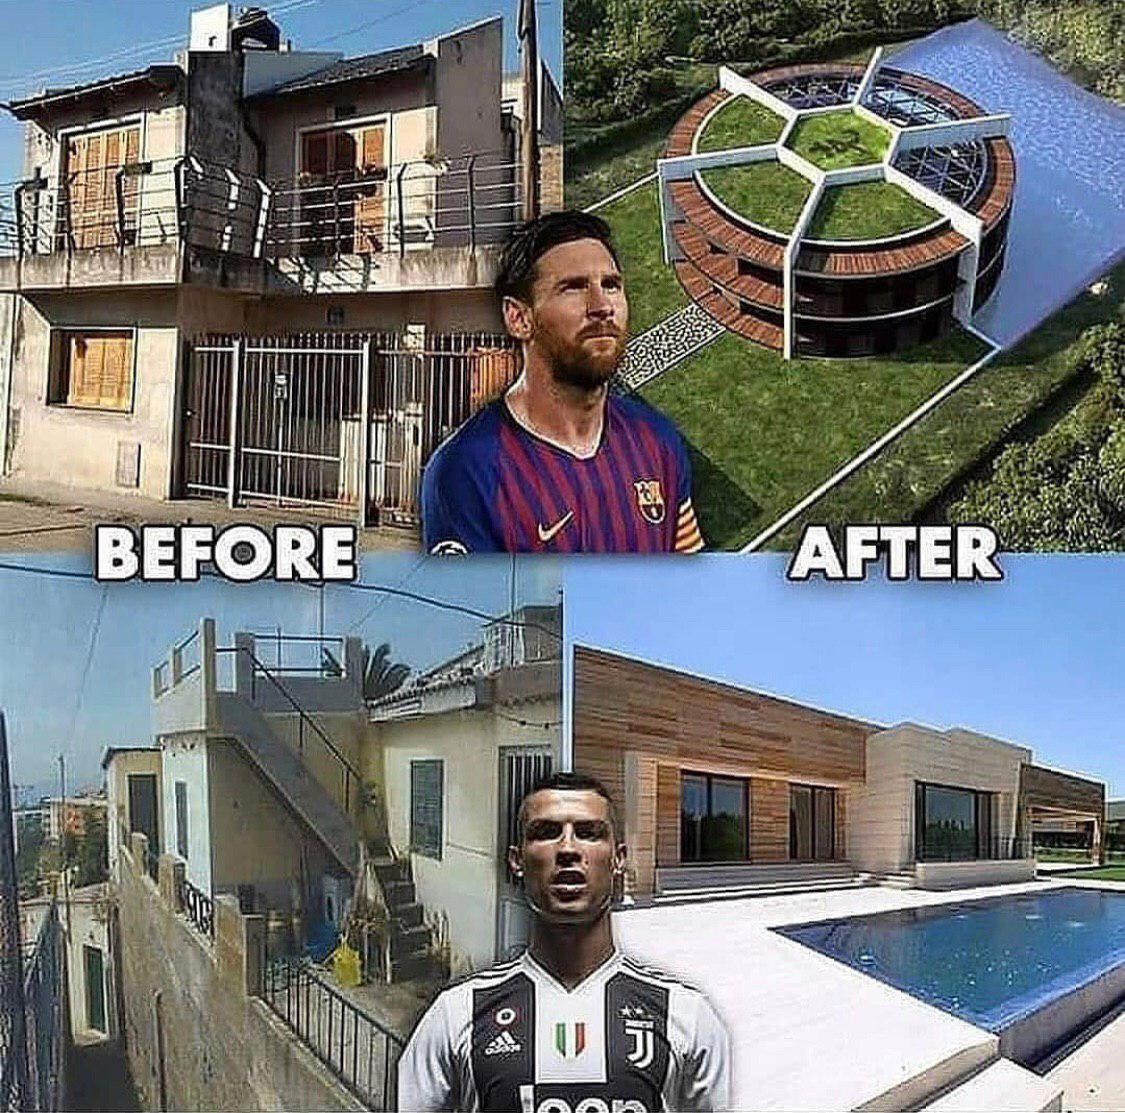 تفاوت زندگی رونالدو و مسی قبل و بعد از ثروتمند شدن +عکس